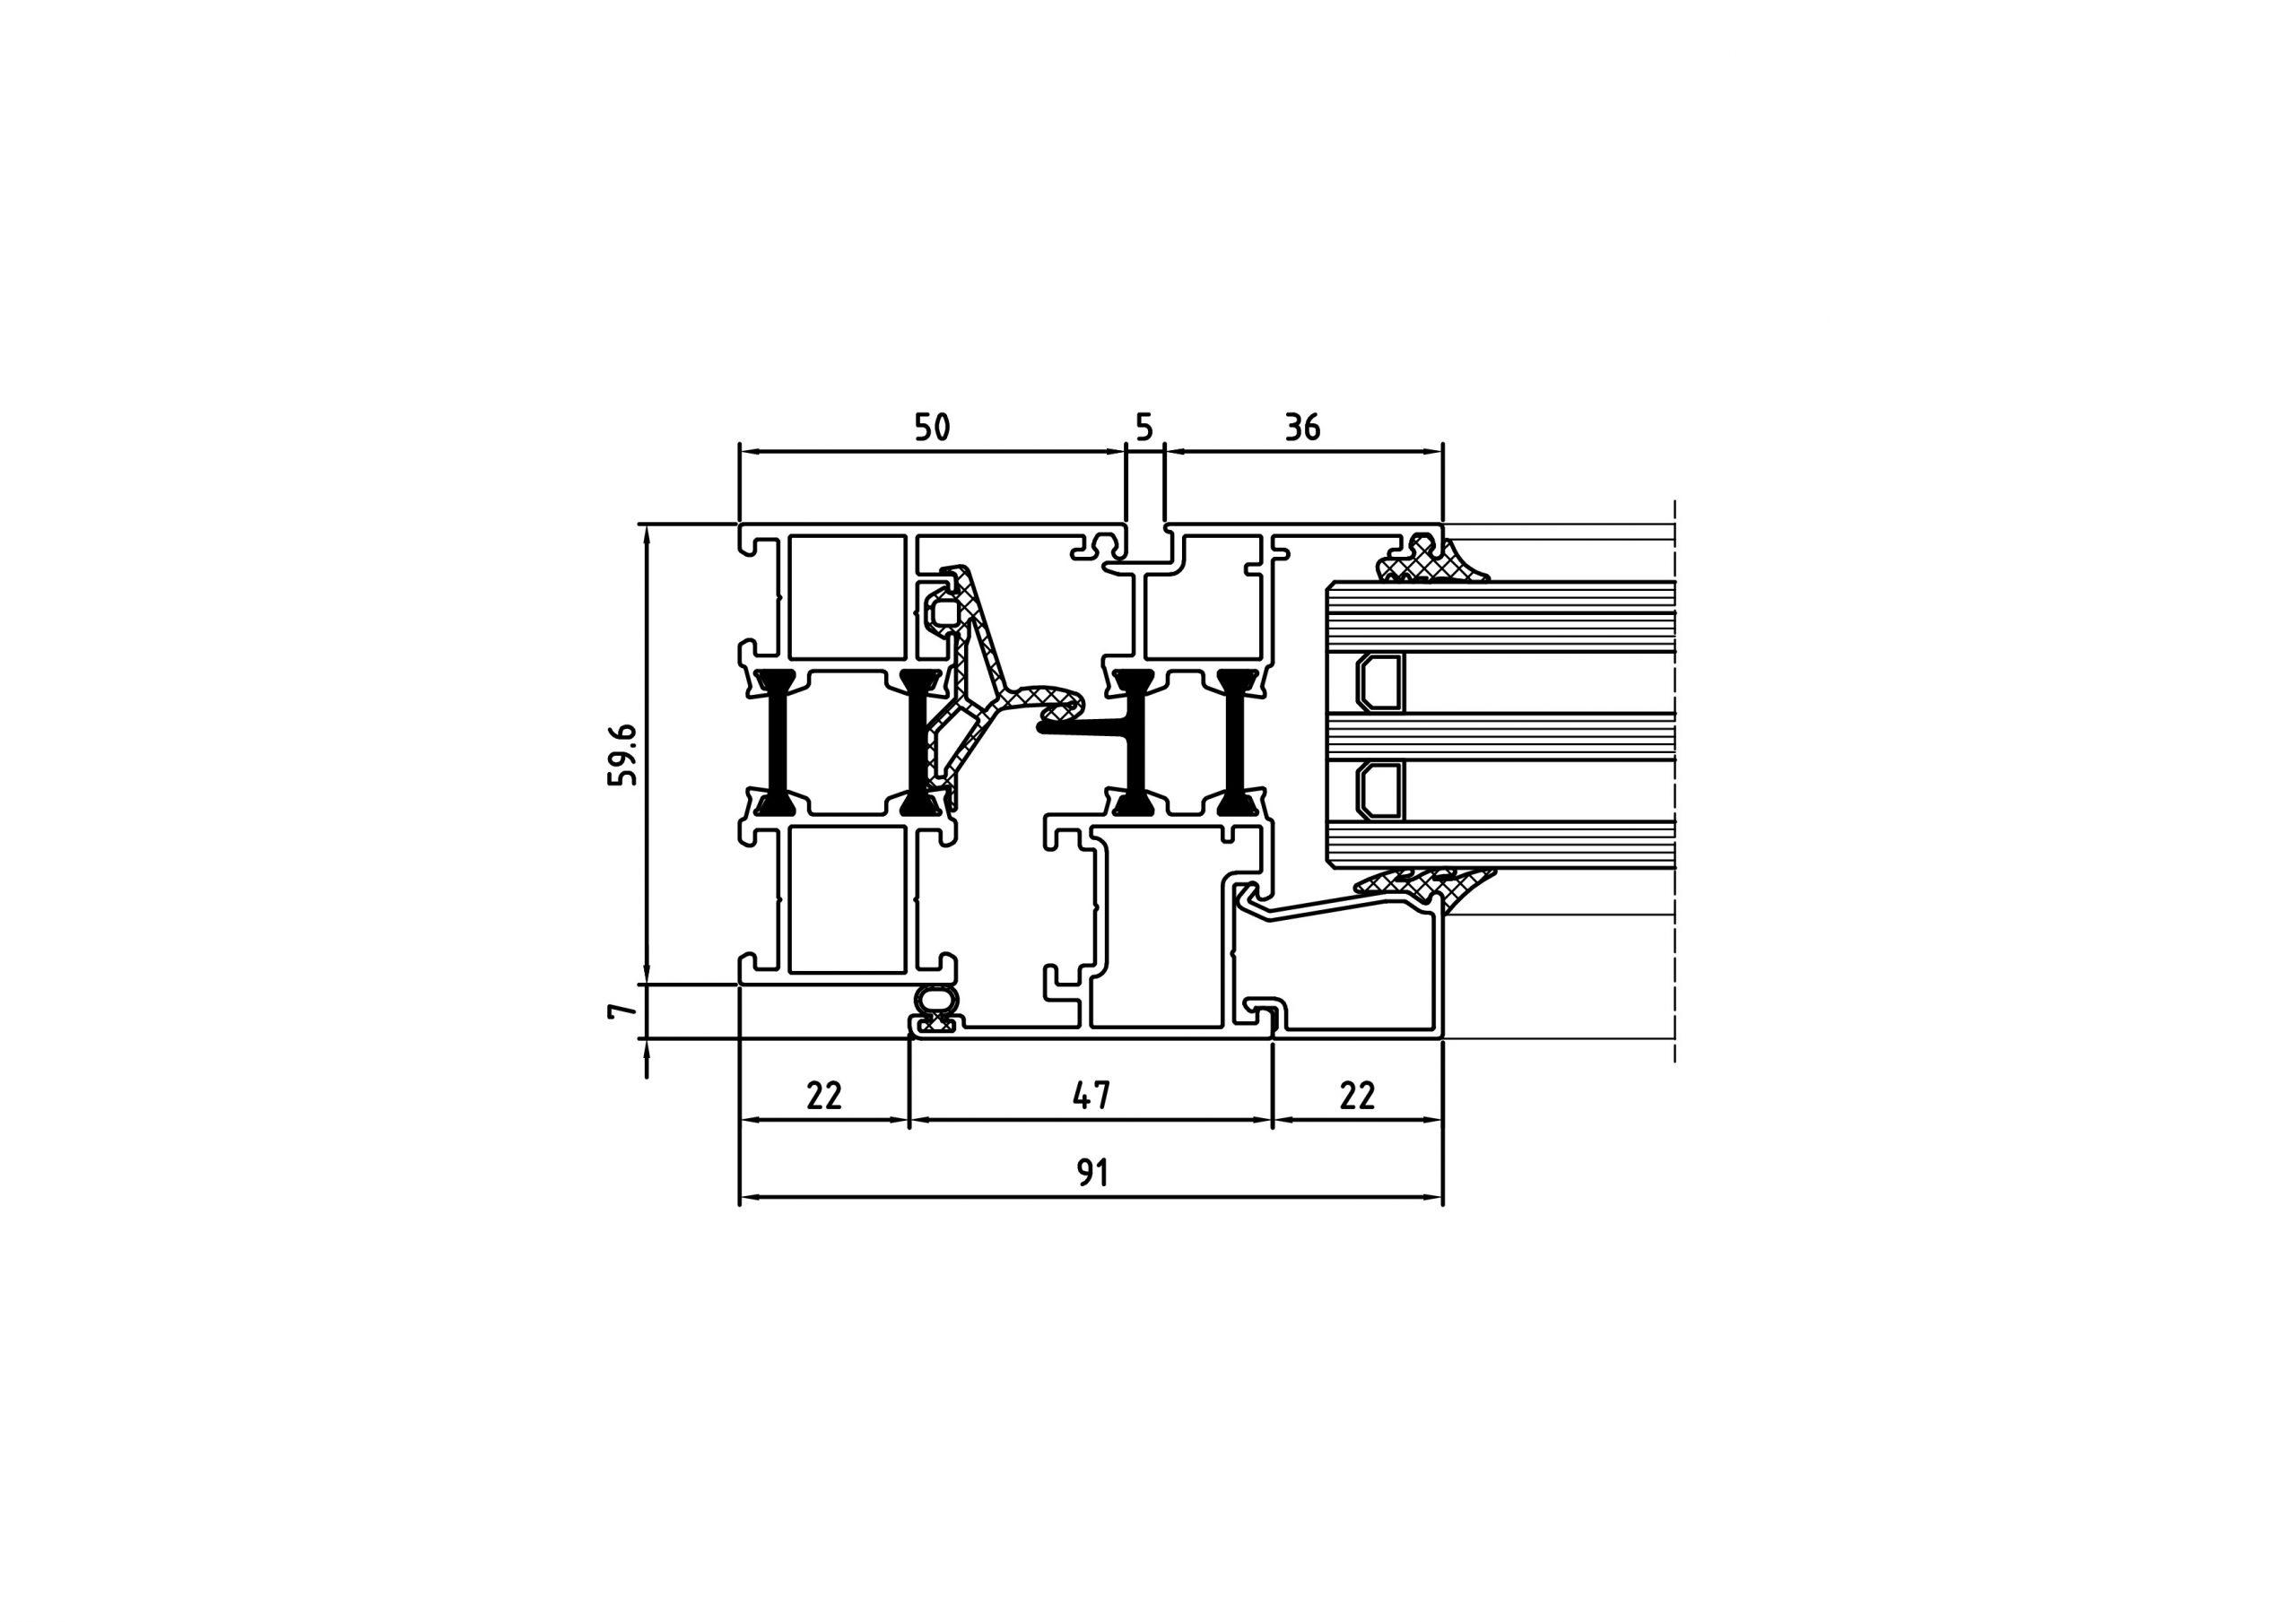 sistema practicable con rotura de puente termico AE 0943 2